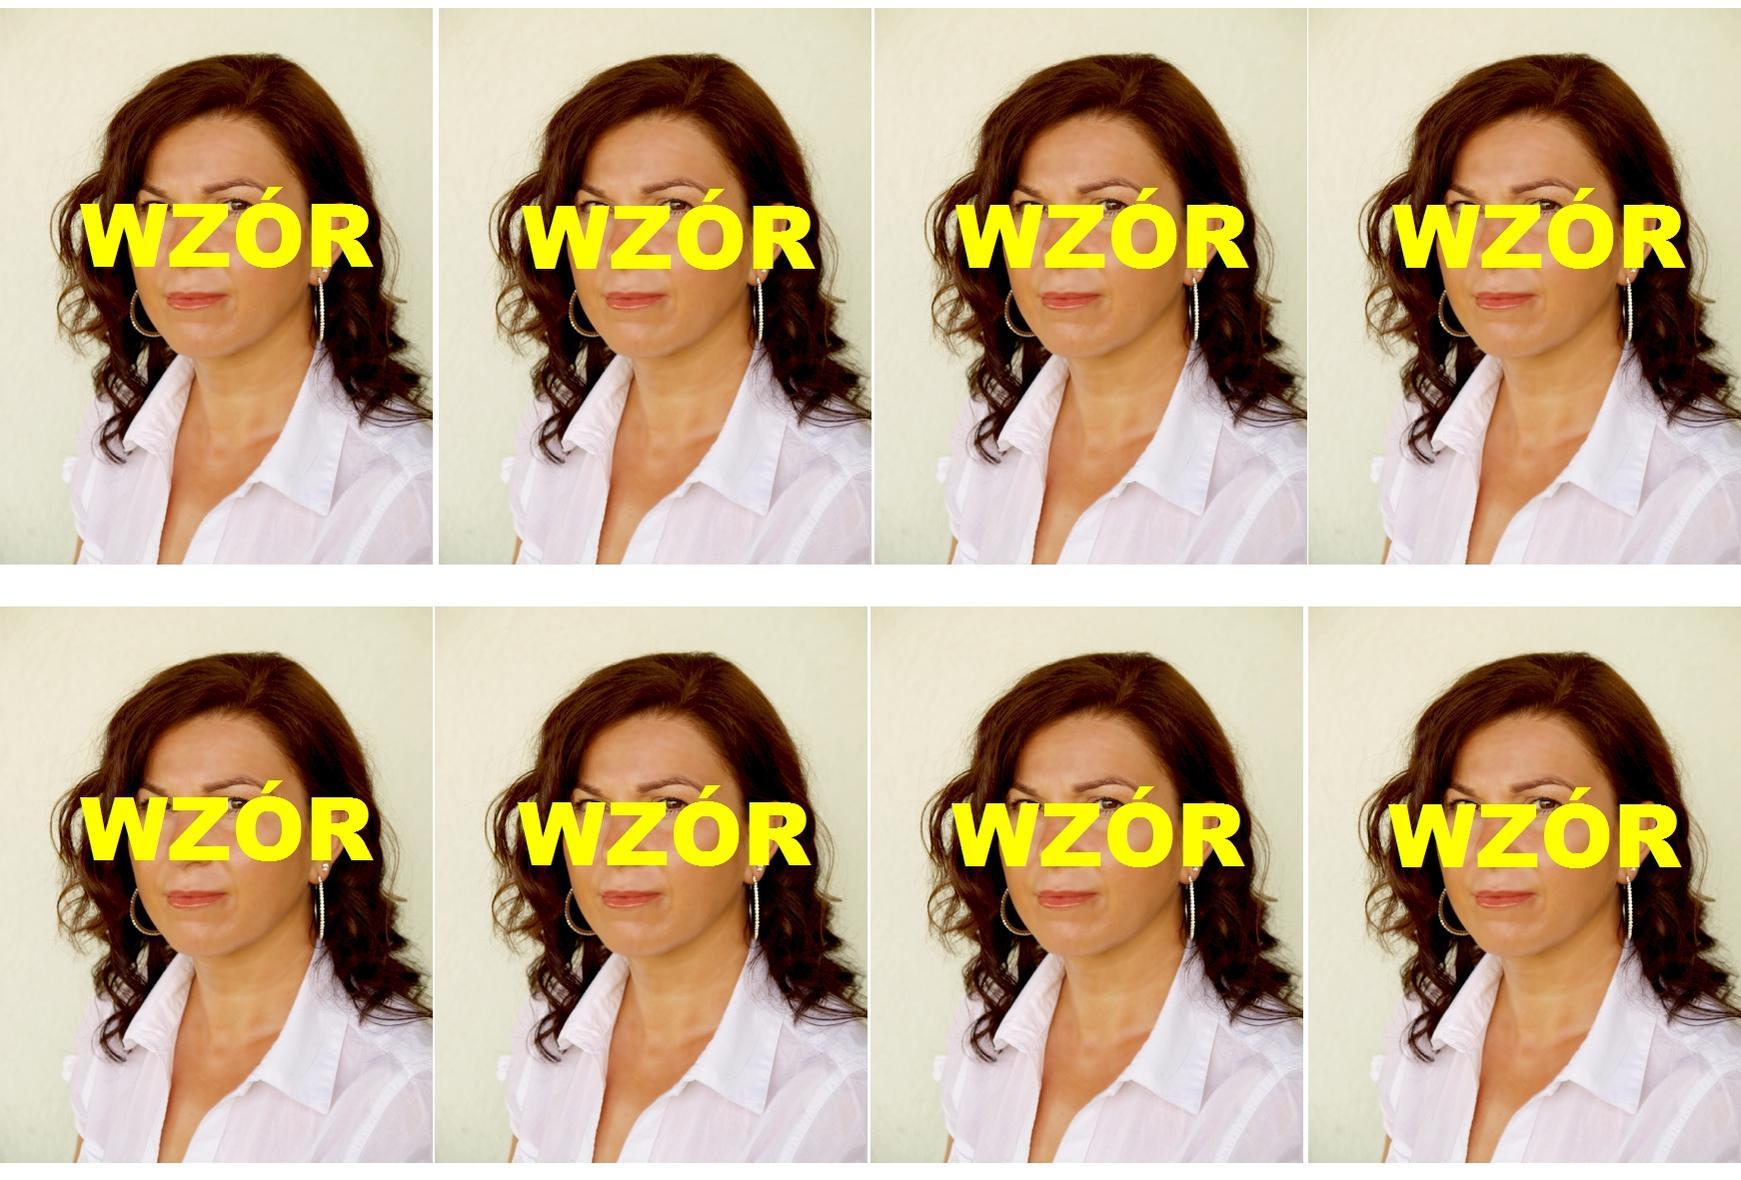 Kliknij obrazek, aby uzyskać większą wersję  Nazwa:WZOR.jpg Wyświetleń:6872 Rozmiar:225,2 KB ID:67615